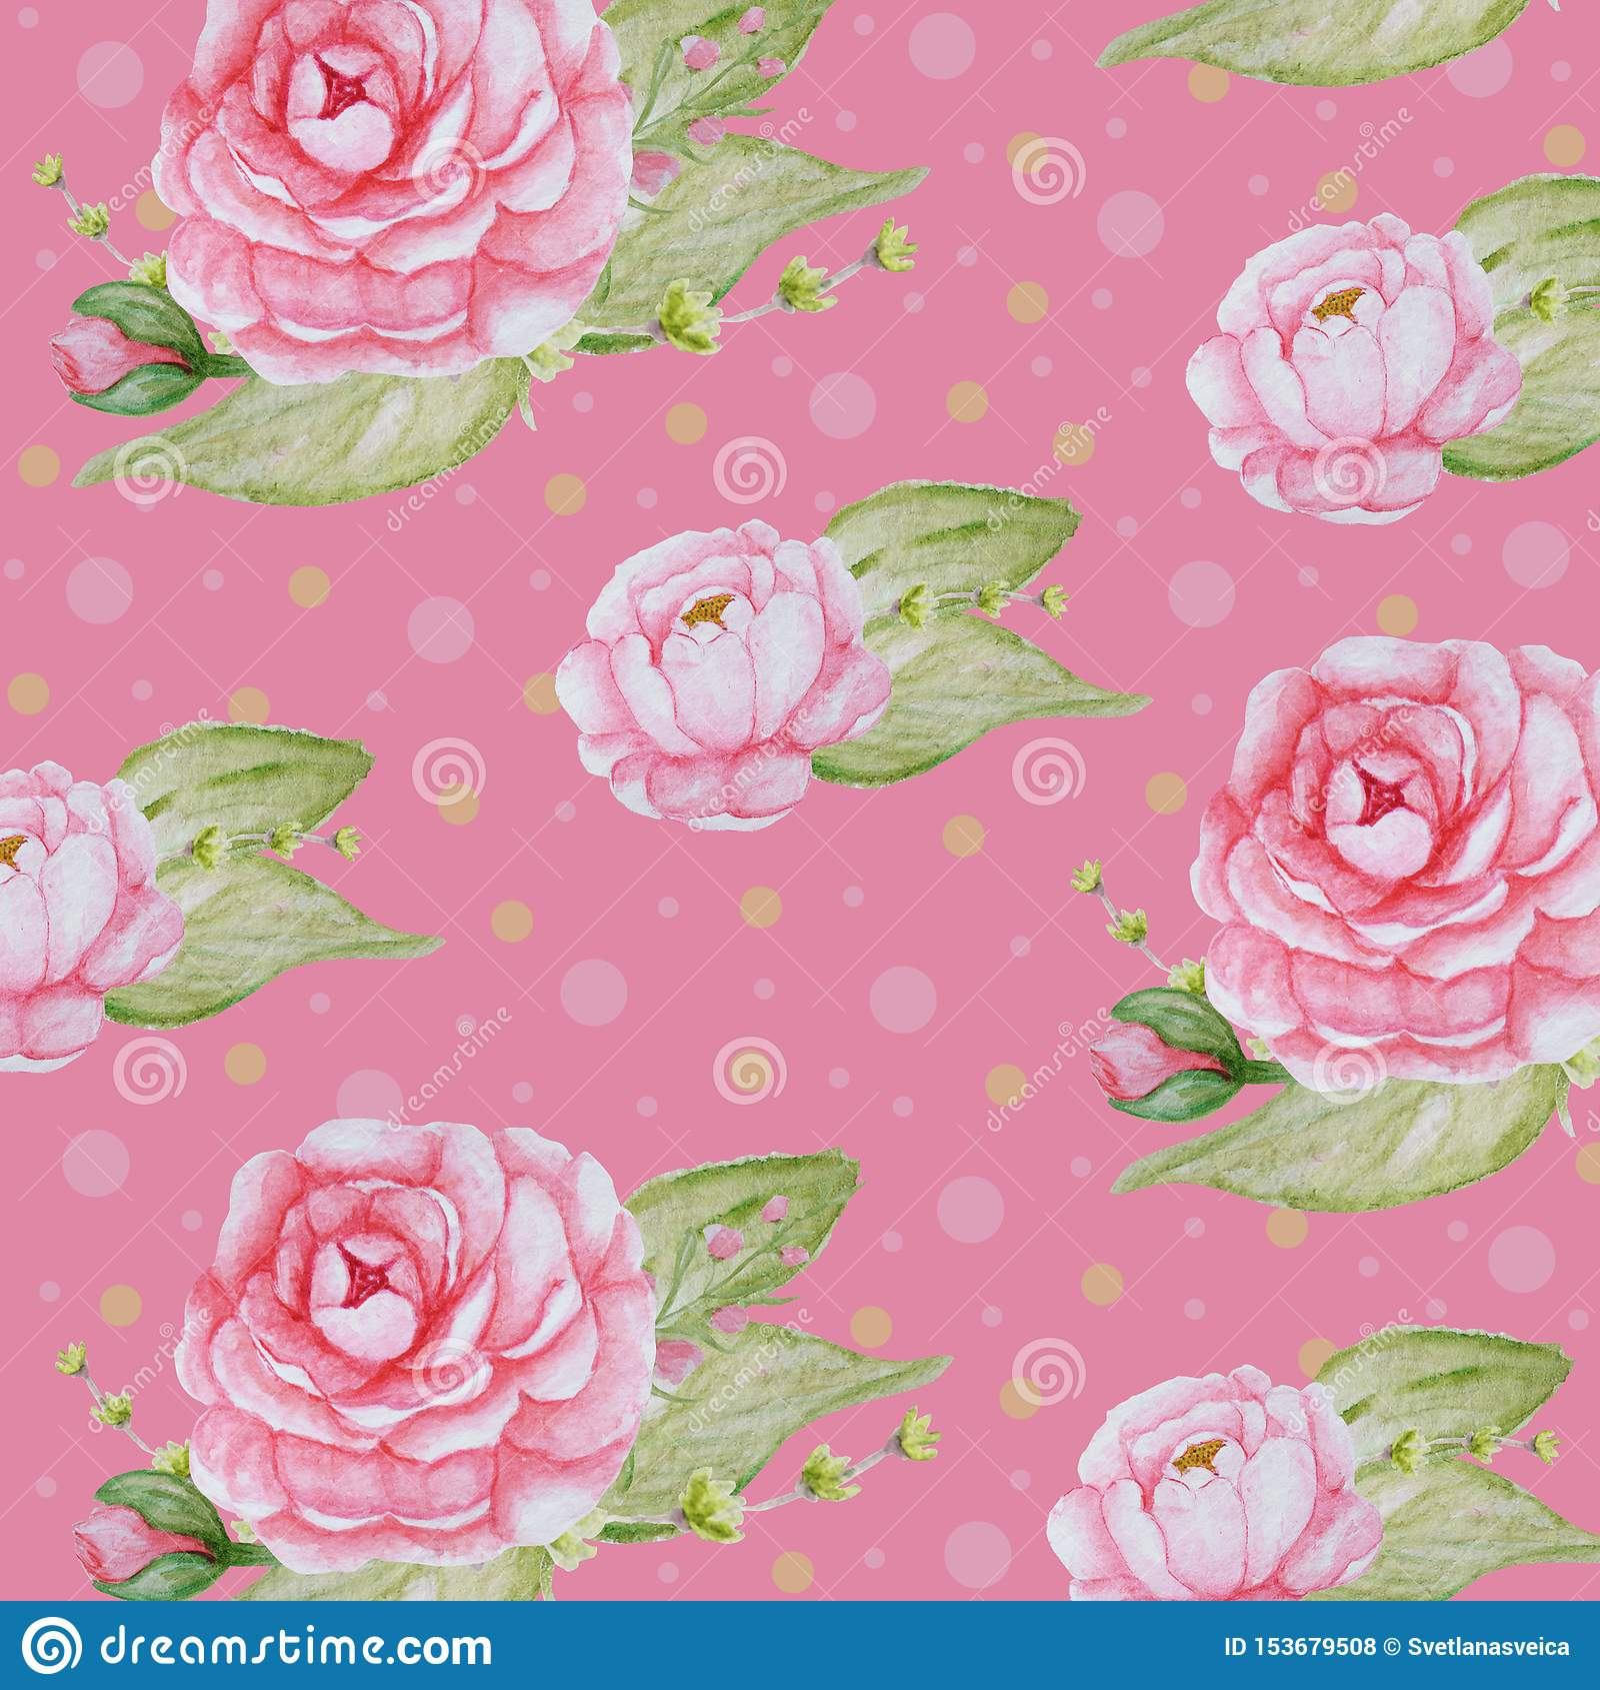 水彩牡丹花纹花样,桃红色牡丹纹理,在桃红色背景的浪漫剪贴薄纸